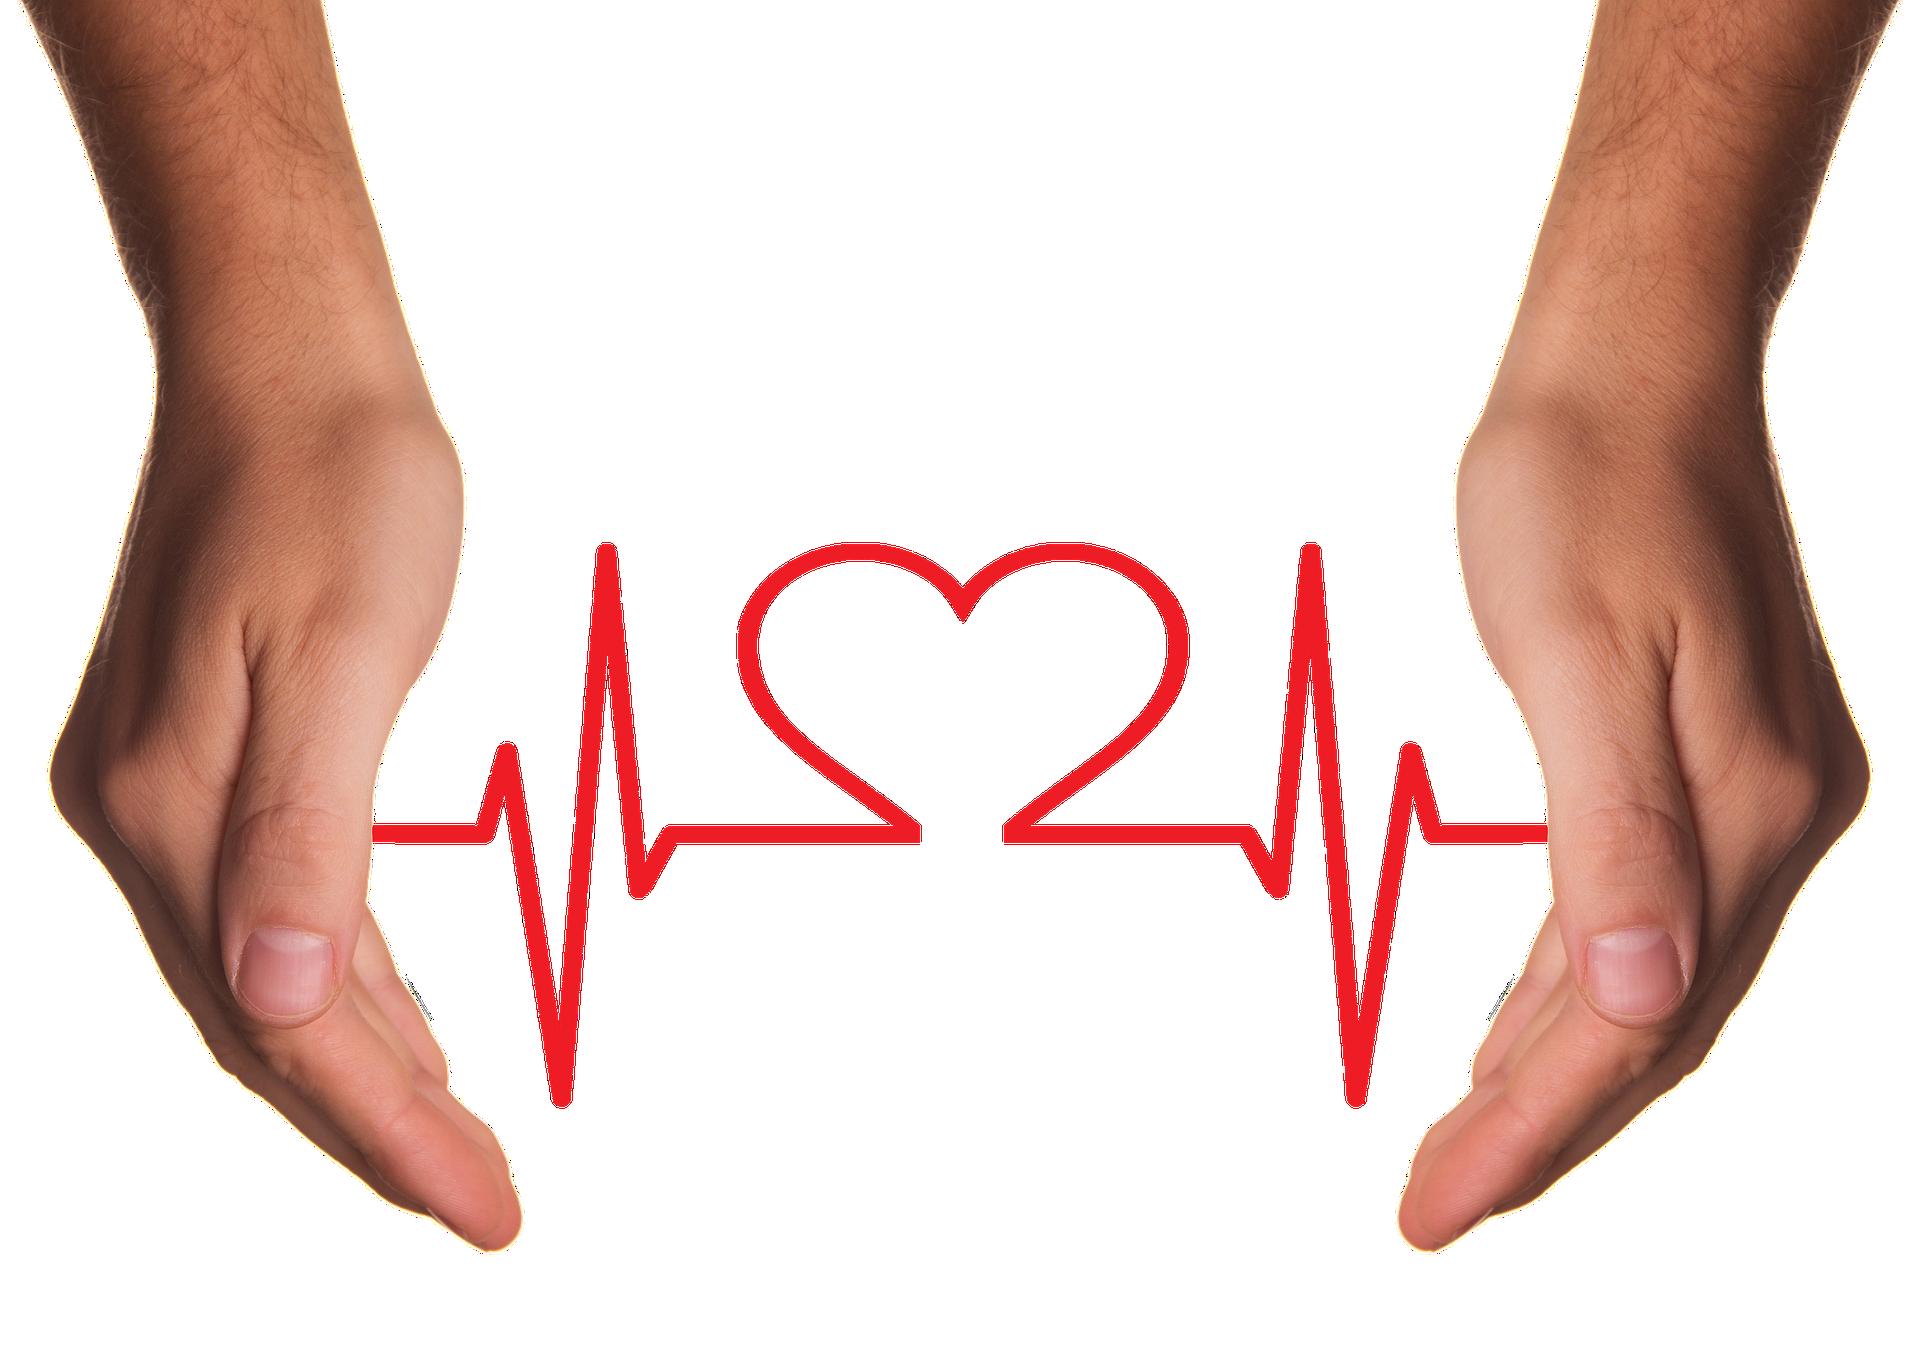 Лесни и едноставни совети како да спречите срцеви заболувања